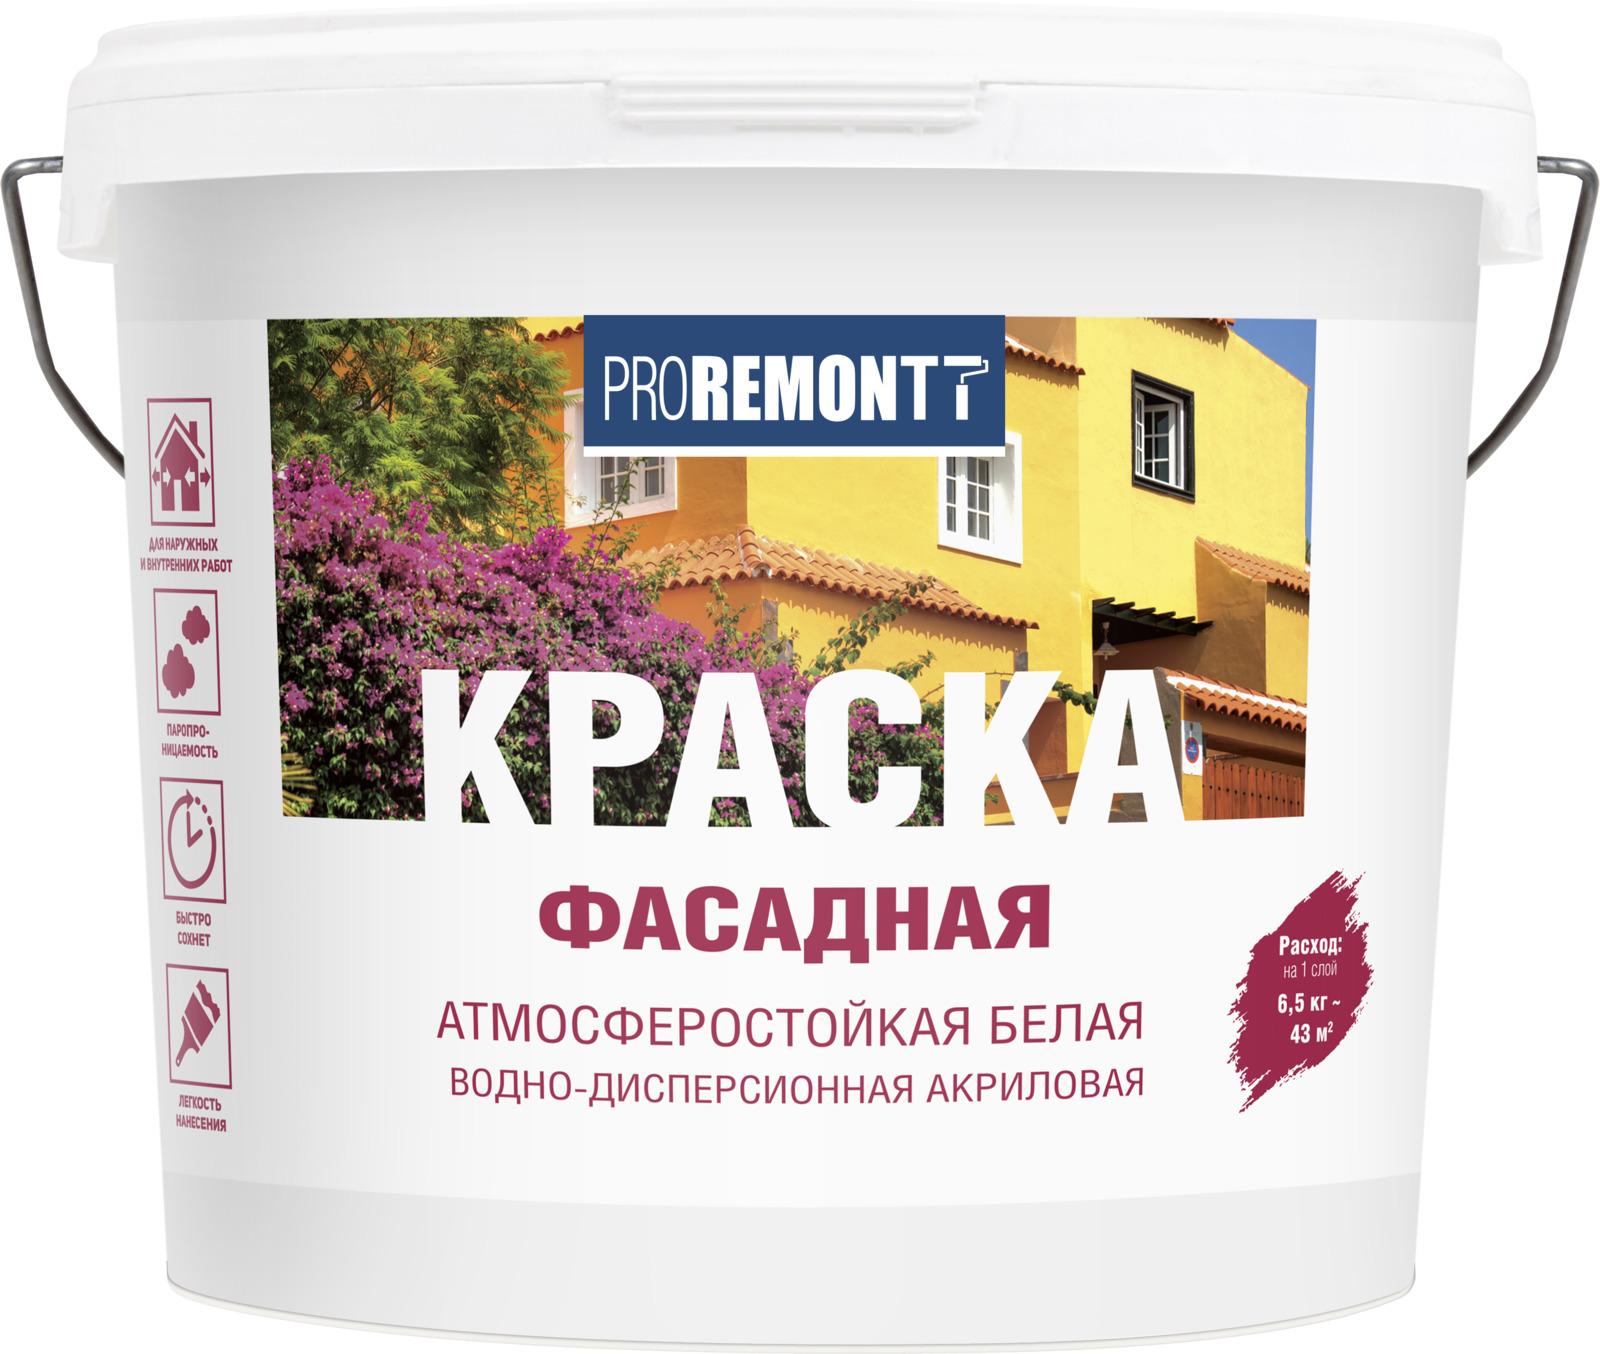 Краска Proremontt, фасадная, белый, 6,5 кг дисконт вгт краска влагостойкая водно дисперсионная 45кг vgt влагостойкая краска акриловая 45кг